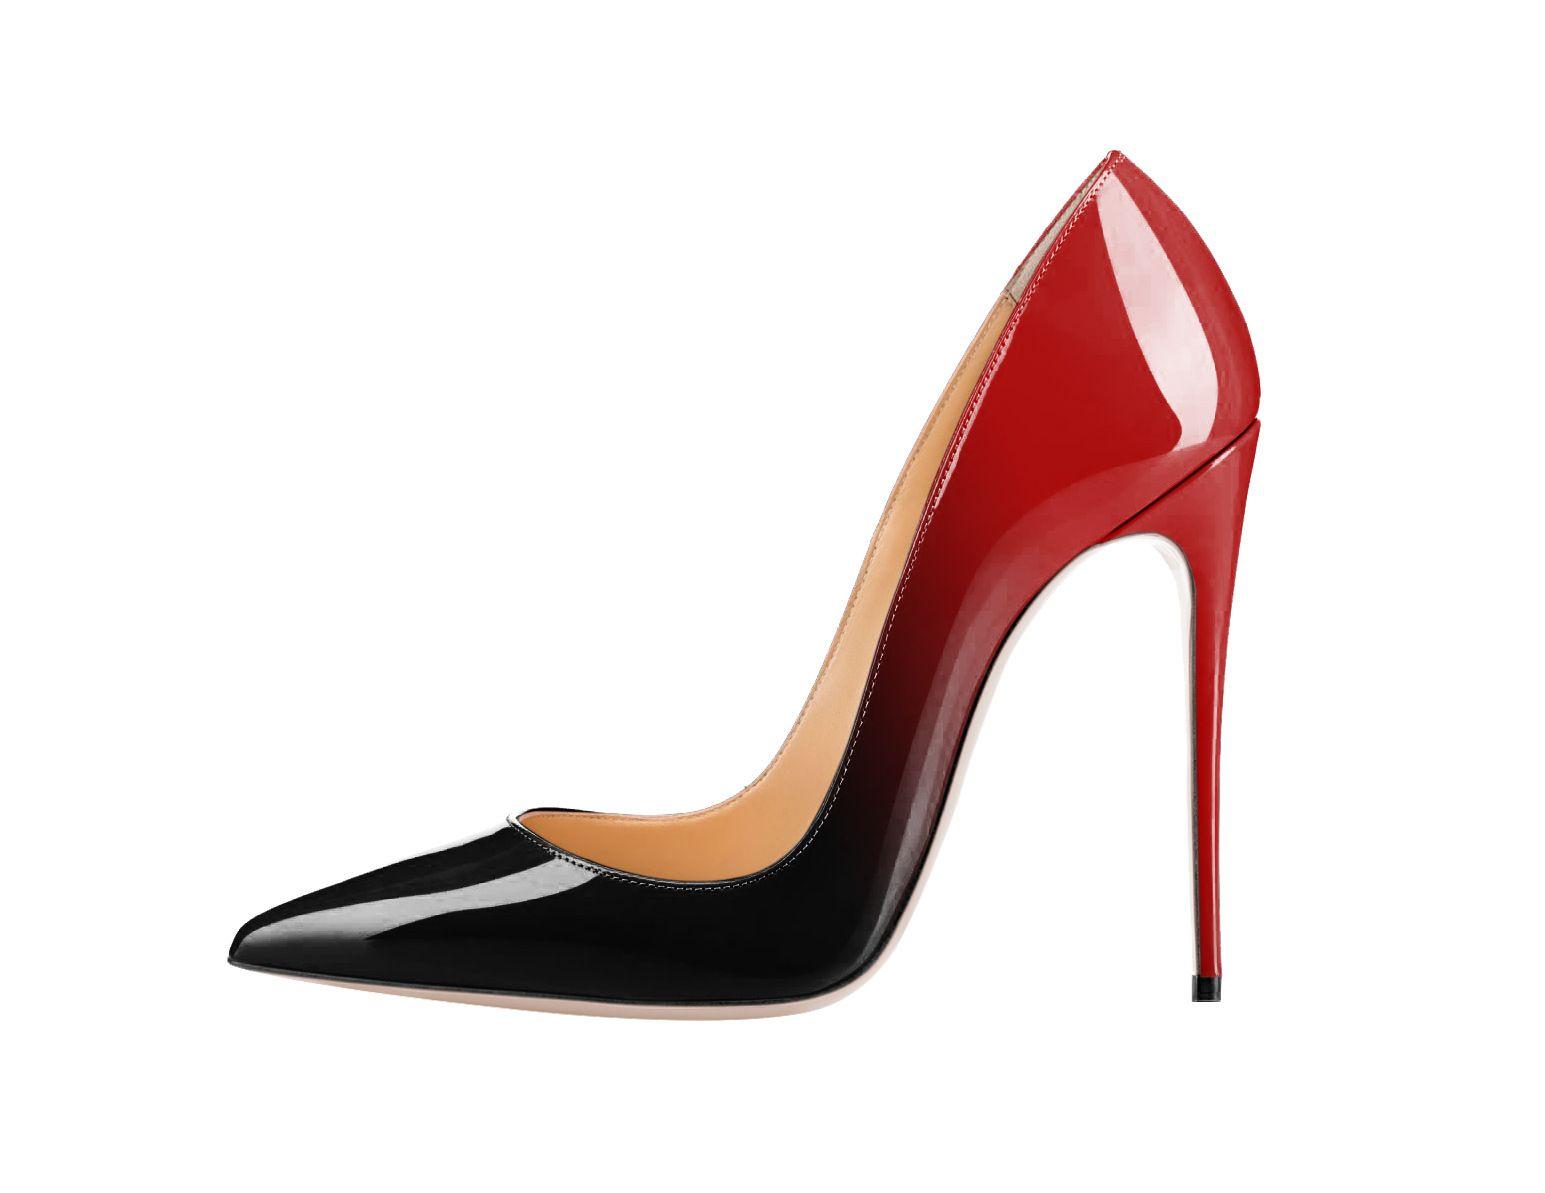 Acquista Sexy Colore Sfumato Bocca Superficiale Tacchi Alti Scarpe Fondo  Rosso Lady Punta A Punta In Pelle 12cm Tacco A Spillo Pompe Grandi  Dimensioni 34 46 ... 0a42f85cfb3